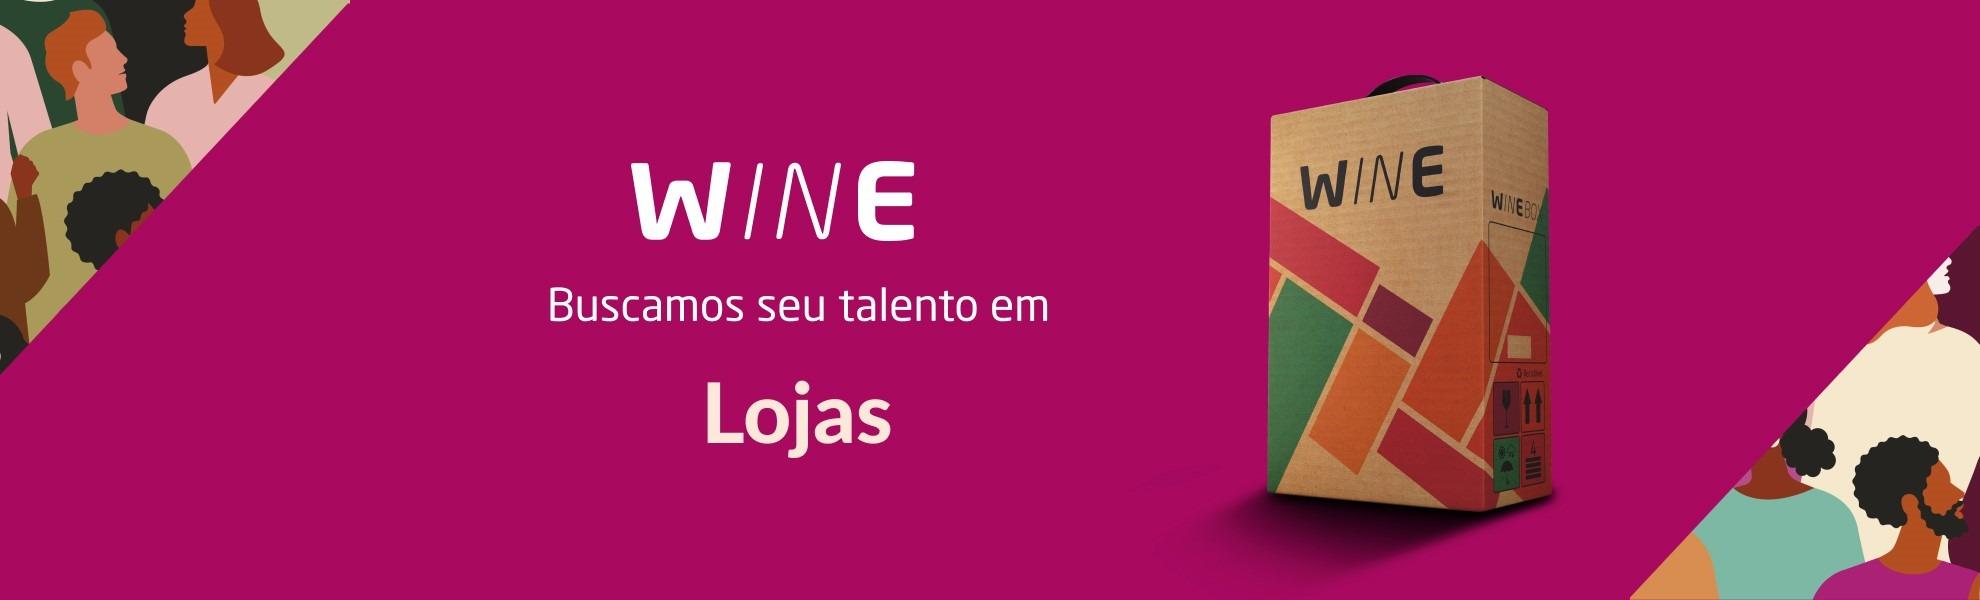 Vendedor de Loja - Florianópolis